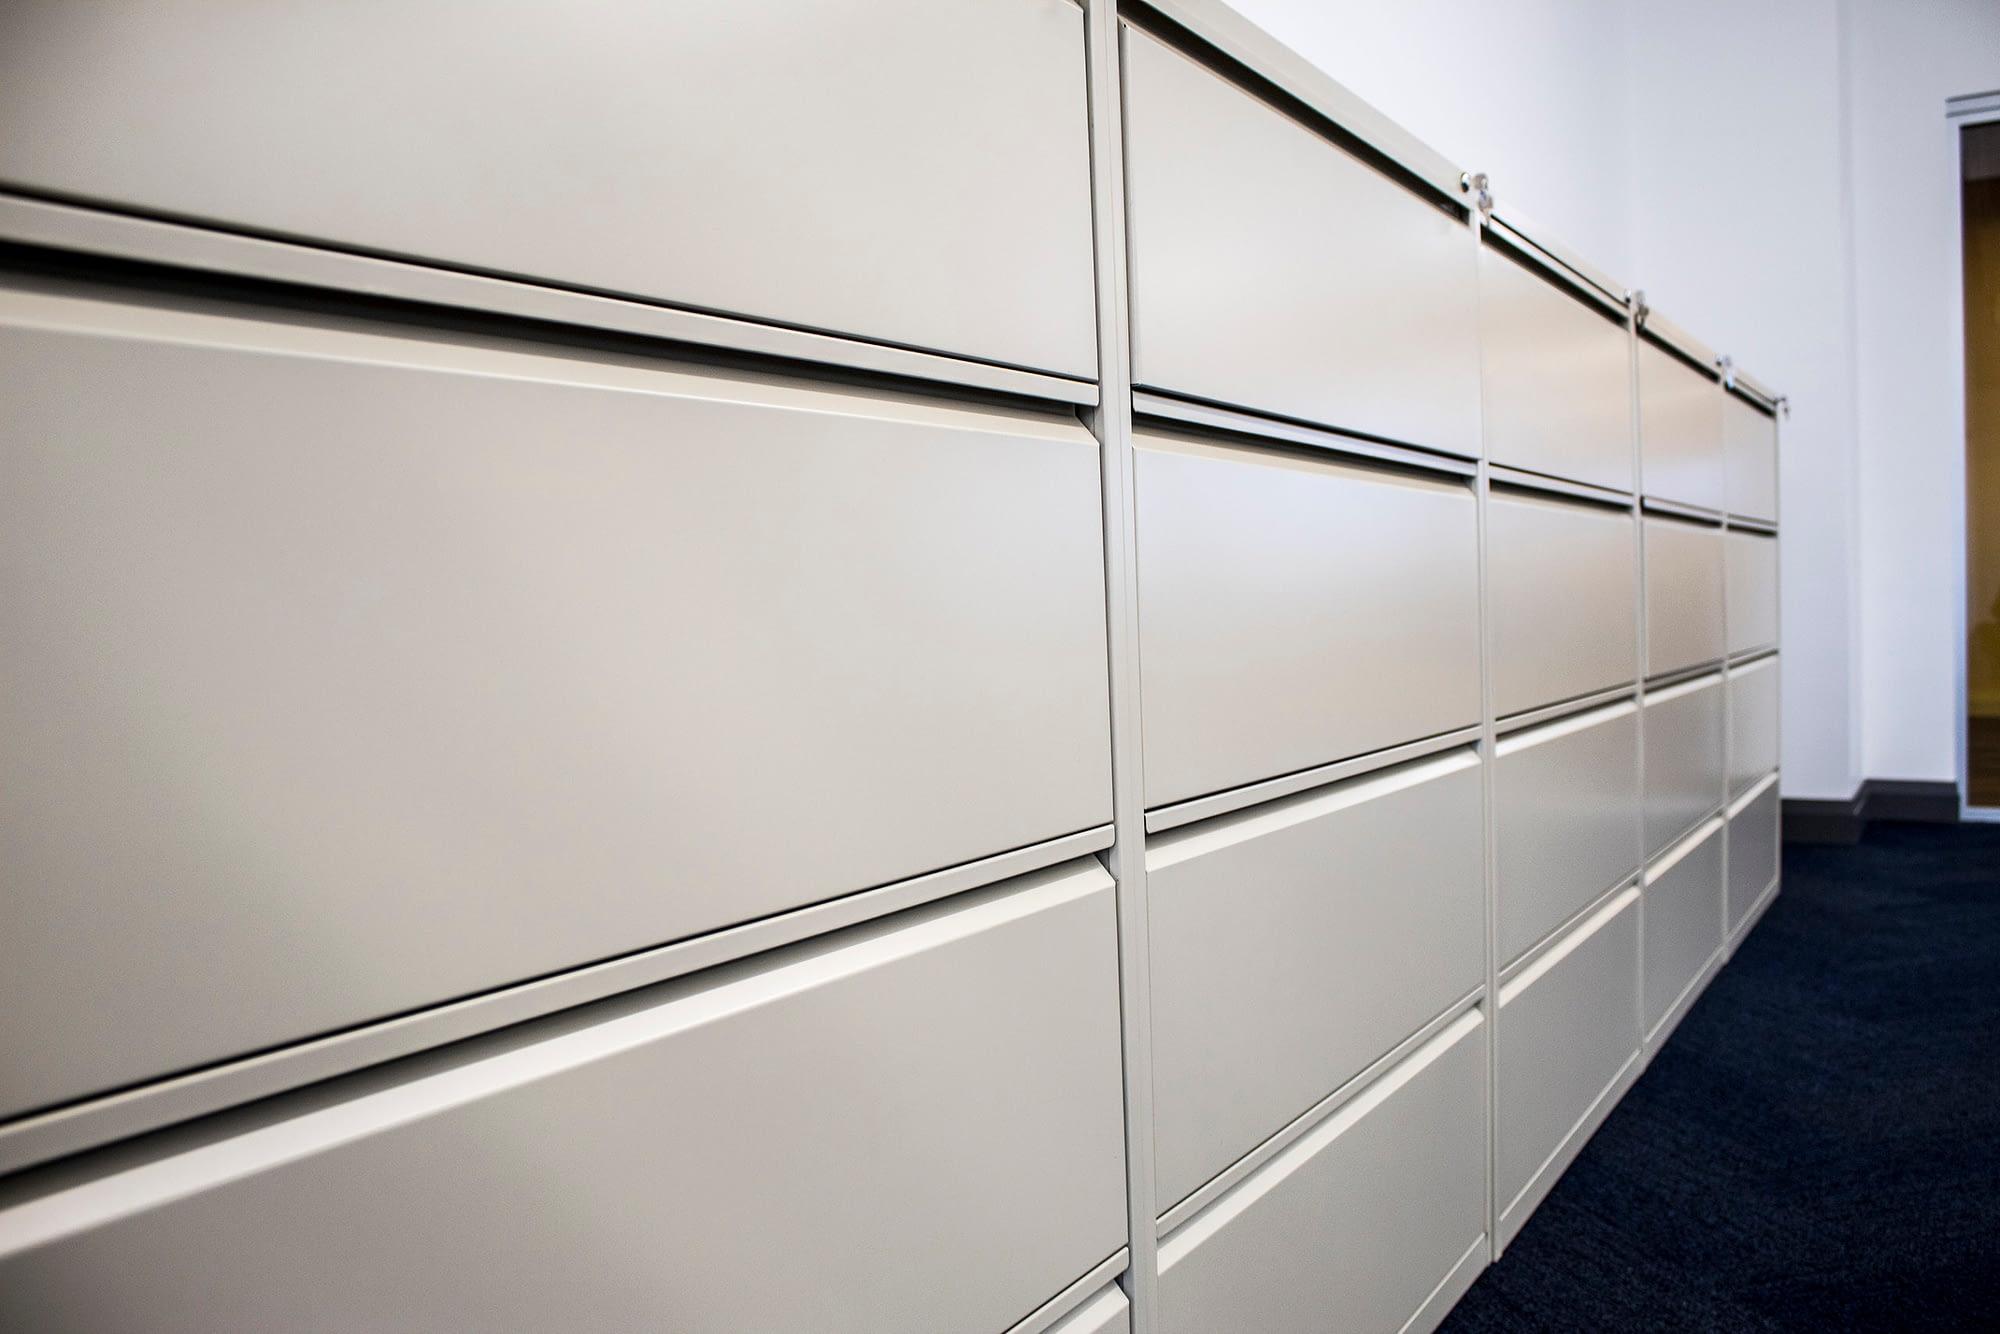 Transteck Storage